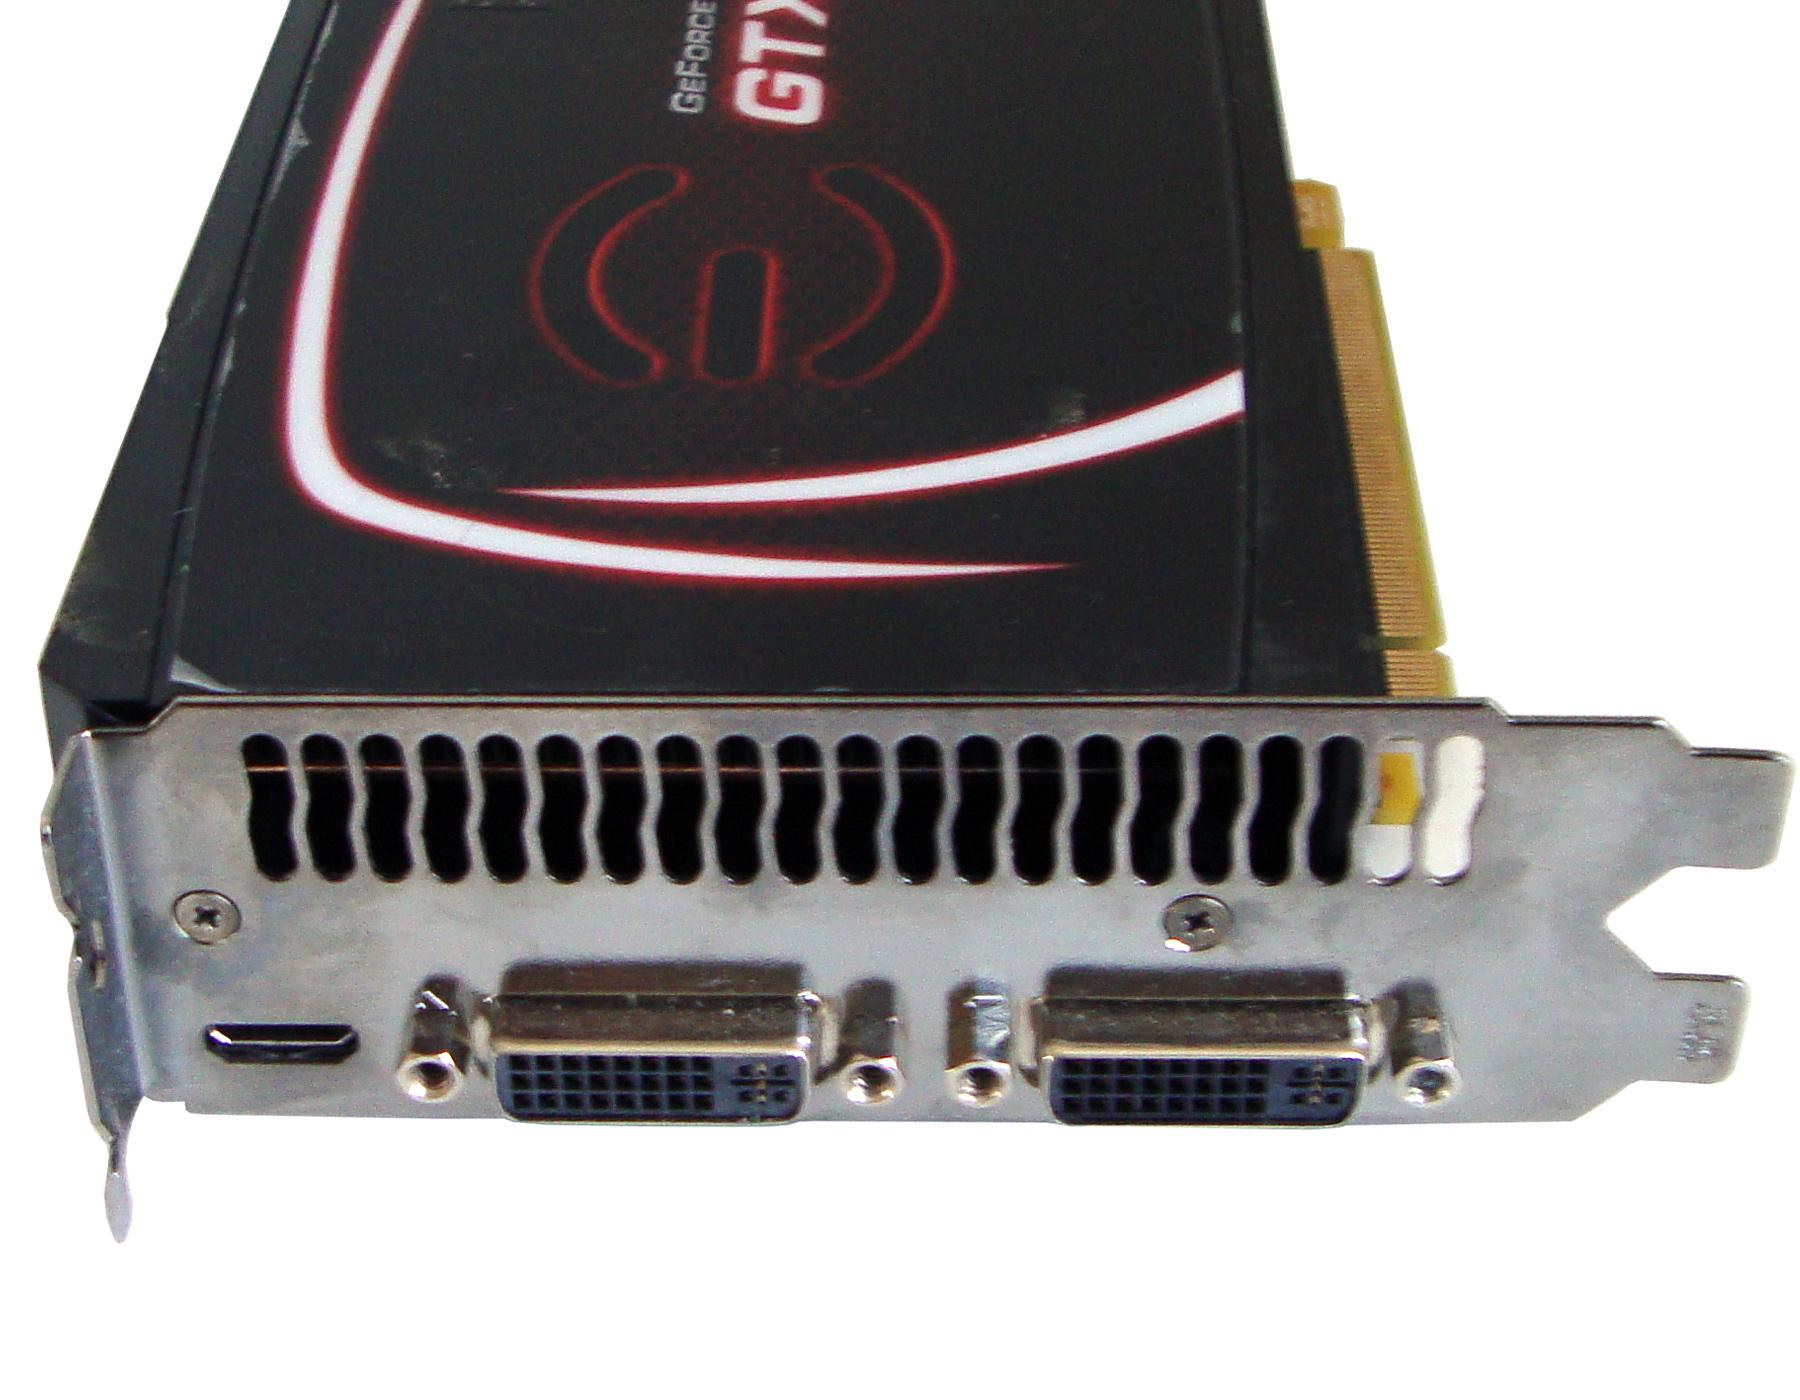 EVGA GeForce GTX 570 review   Page 4   HWlab